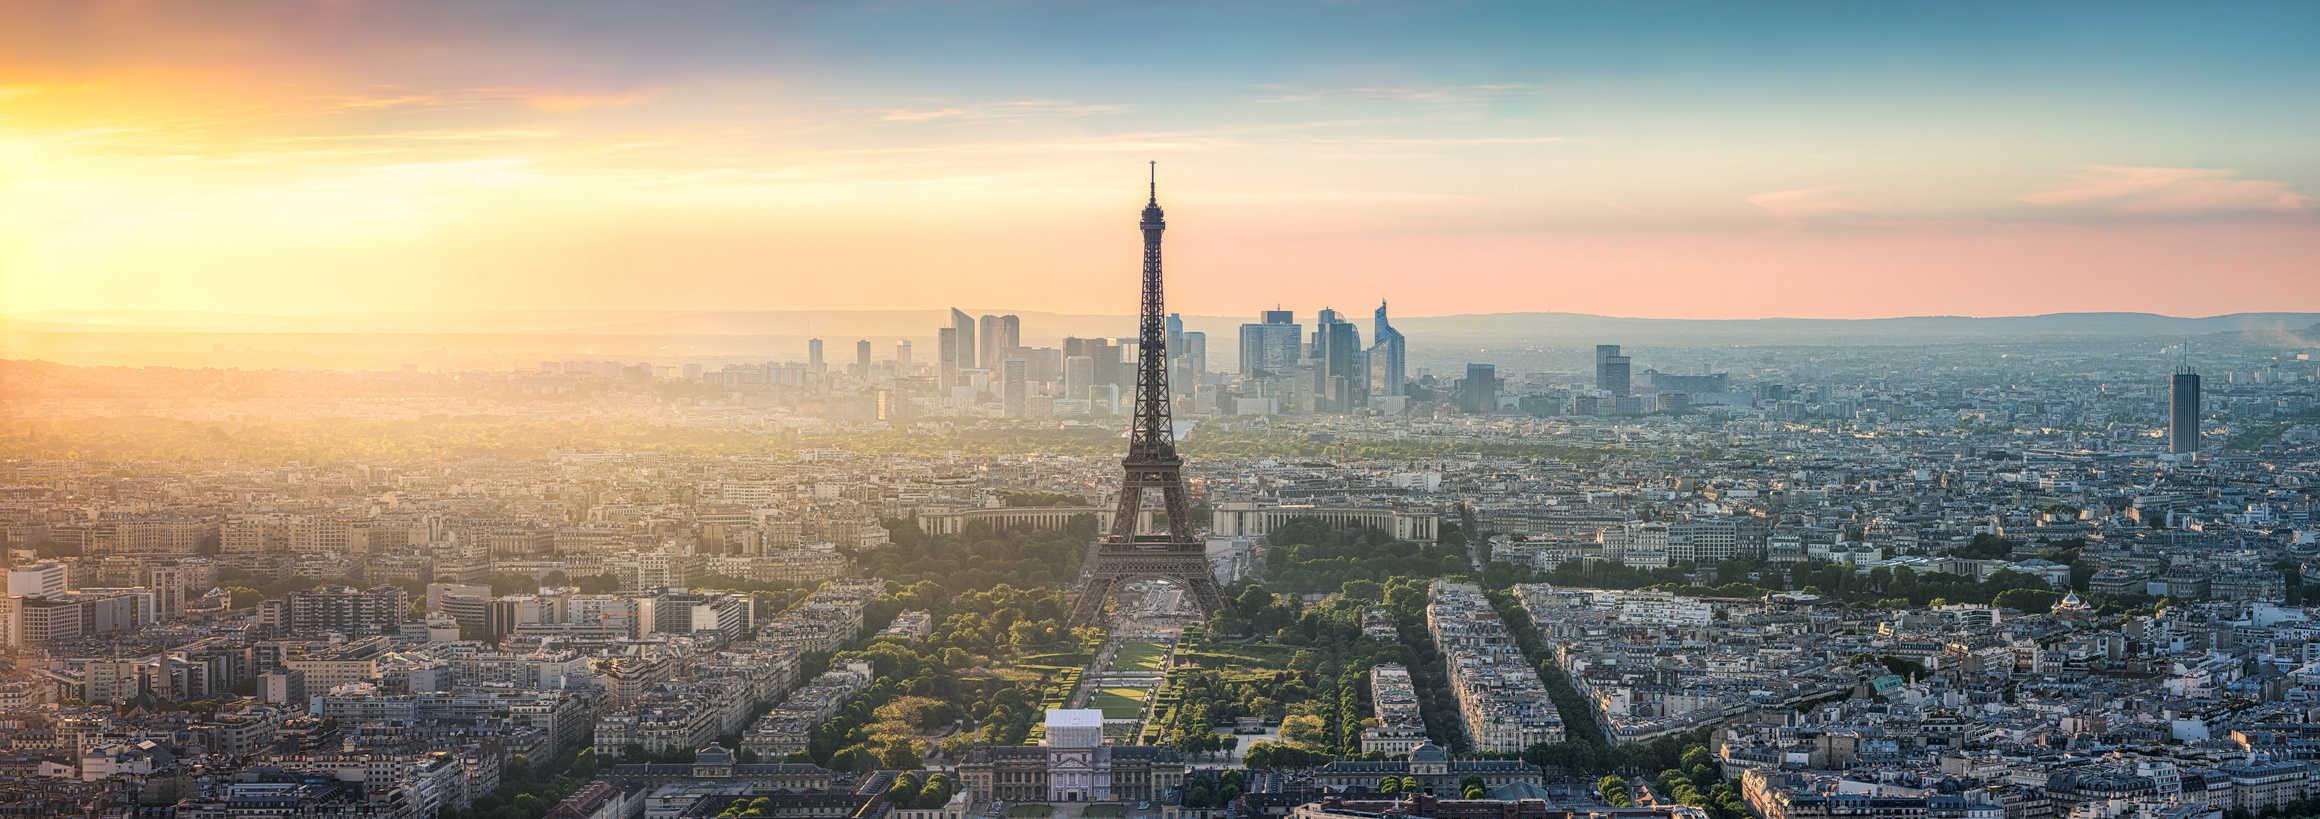 Ville de Paris, France.